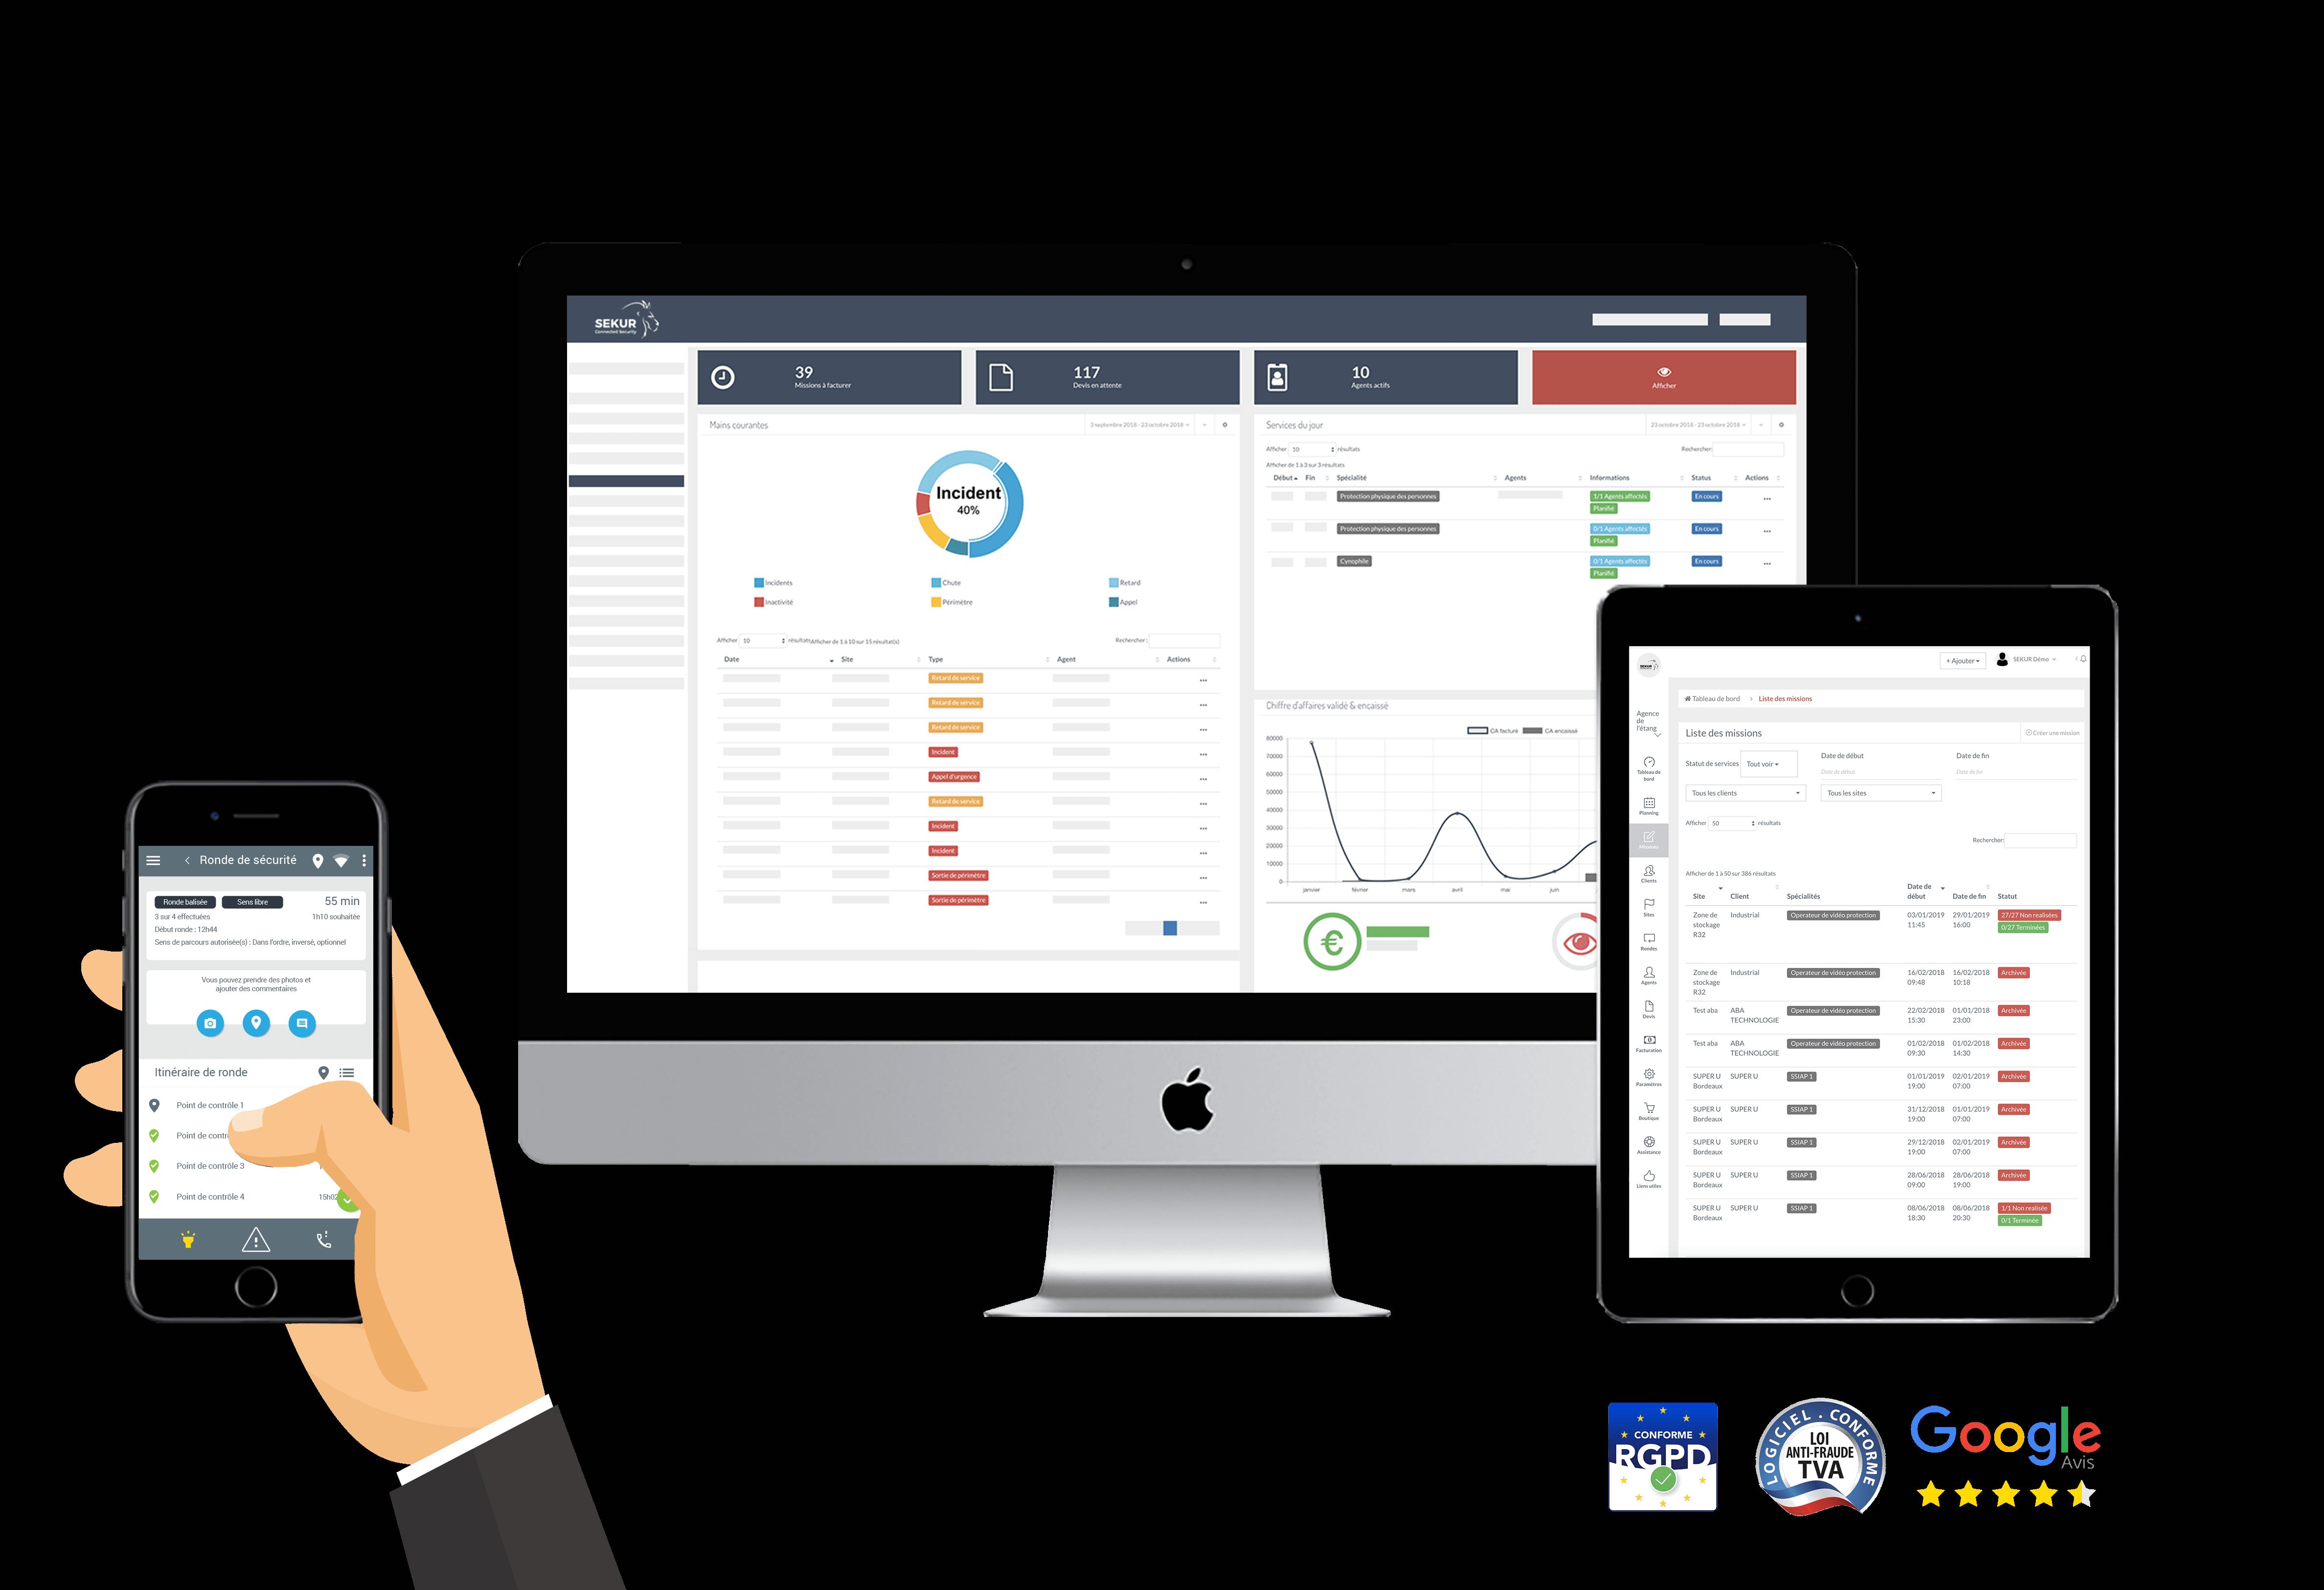 cette-application-se-compose-d-une-plateforme-cloud-qui-digitalise-les processus-de-l-entreprise-et-d-une-application-smartphone-de-terrain-pour-l-agent-de-securite.